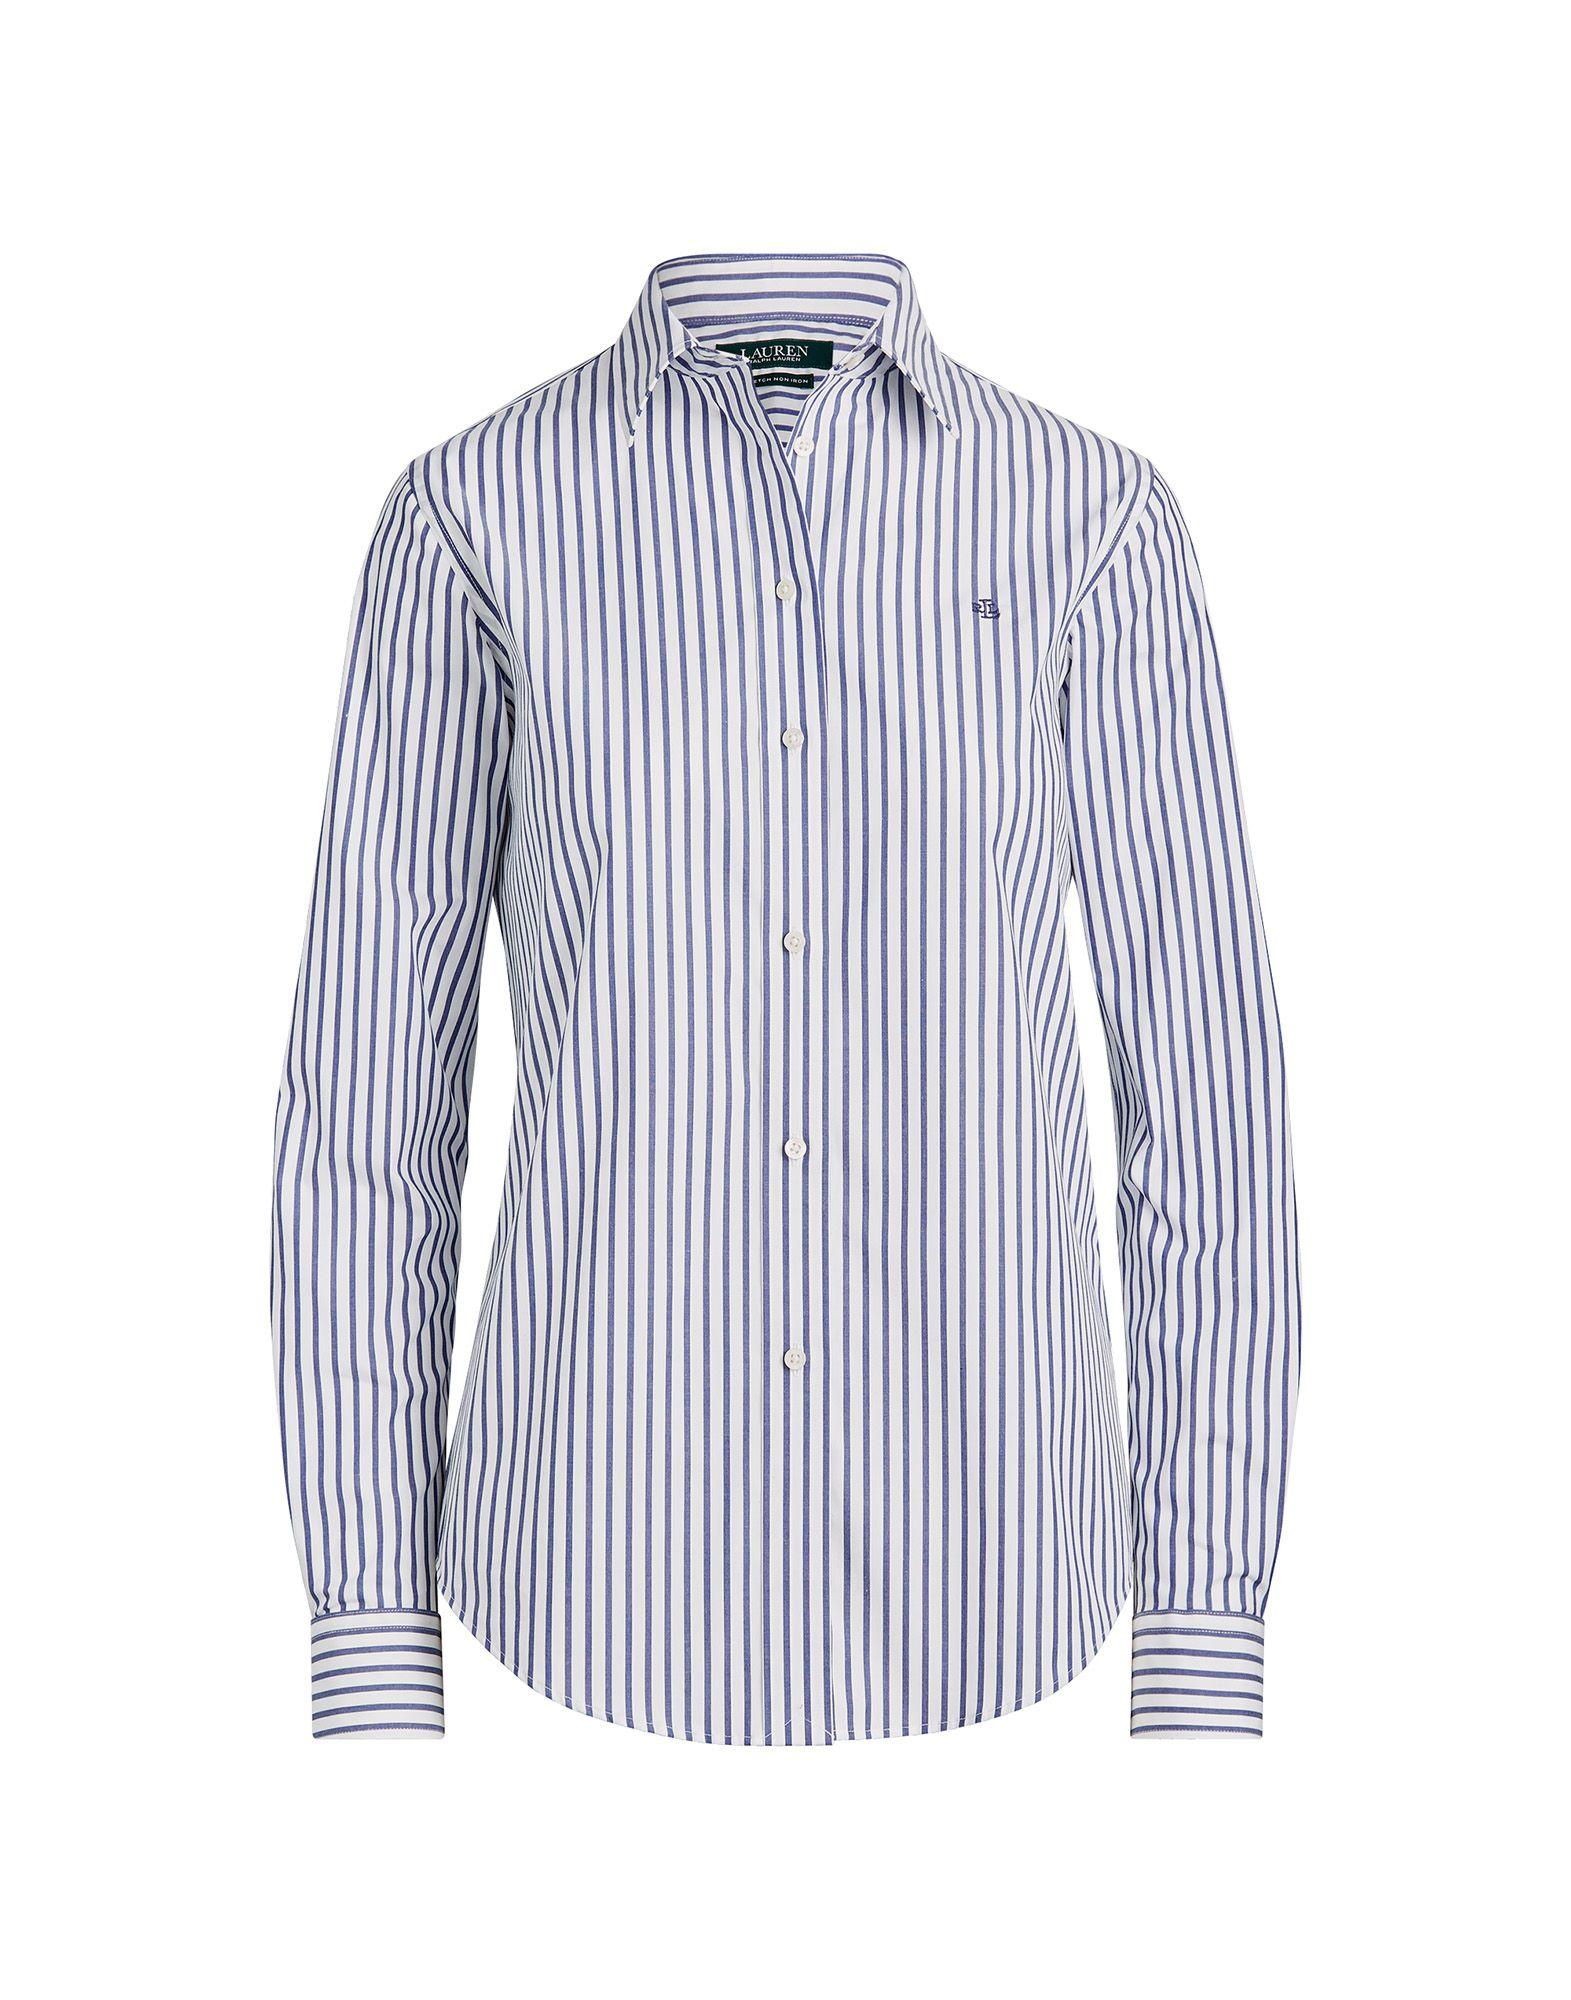 LAUREN RALPH LAUREN Pубашка lauren ralph lauren блузка